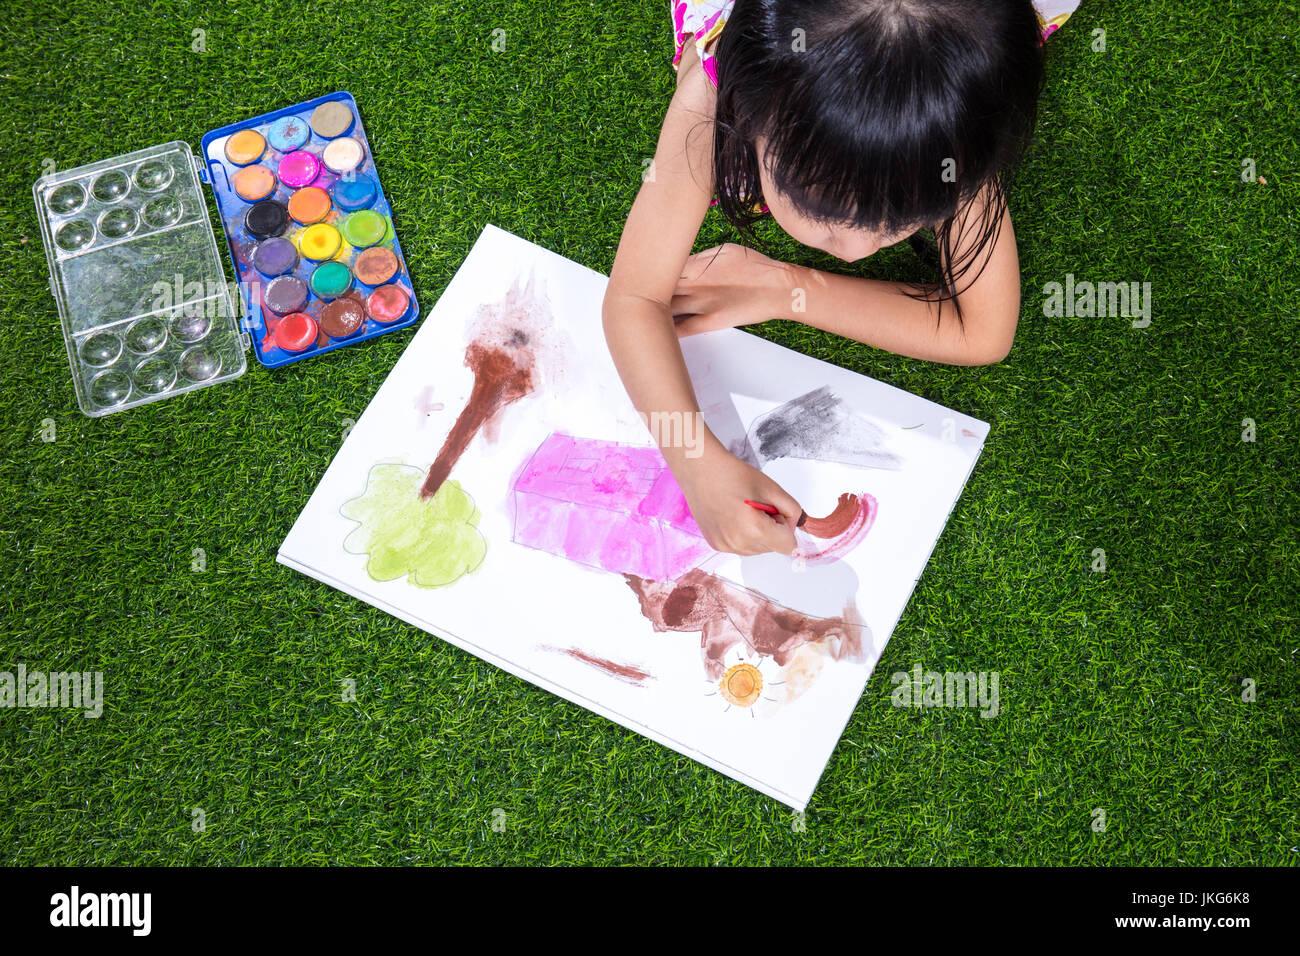 wie man ein chinesisches Mädchen zeichnet